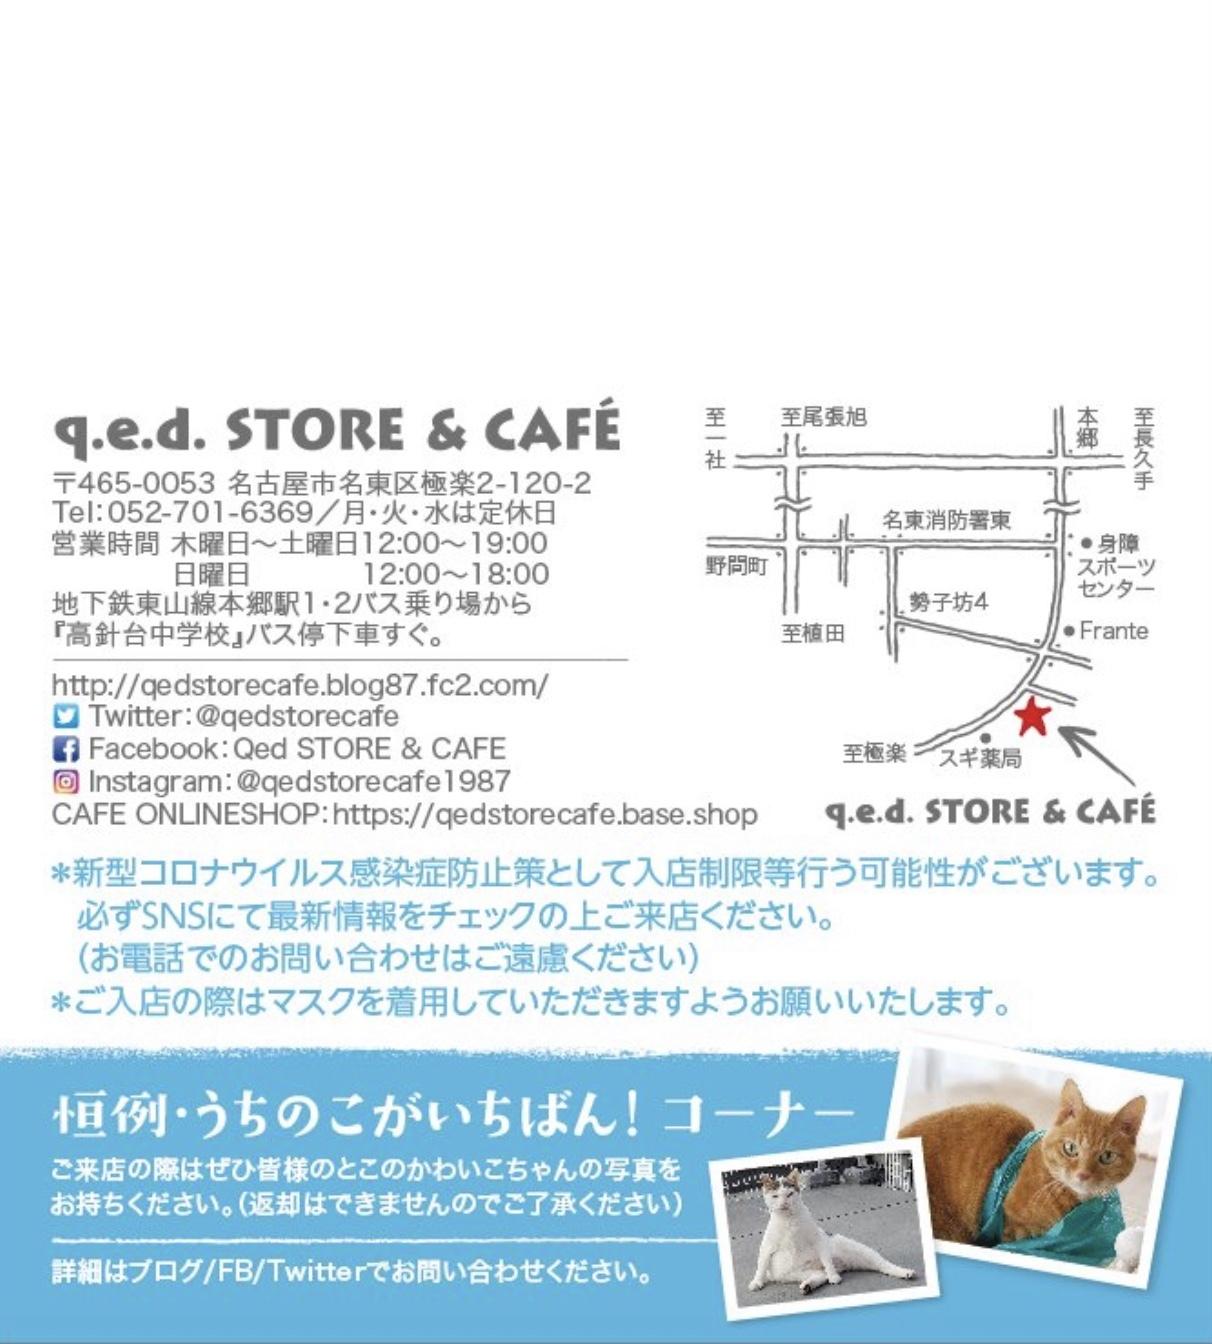 名古屋市名東区極楽の q.e.d.STORE & CAFE さんの『ねこねこ展』に初参加します_a0137727_20263305.jpeg